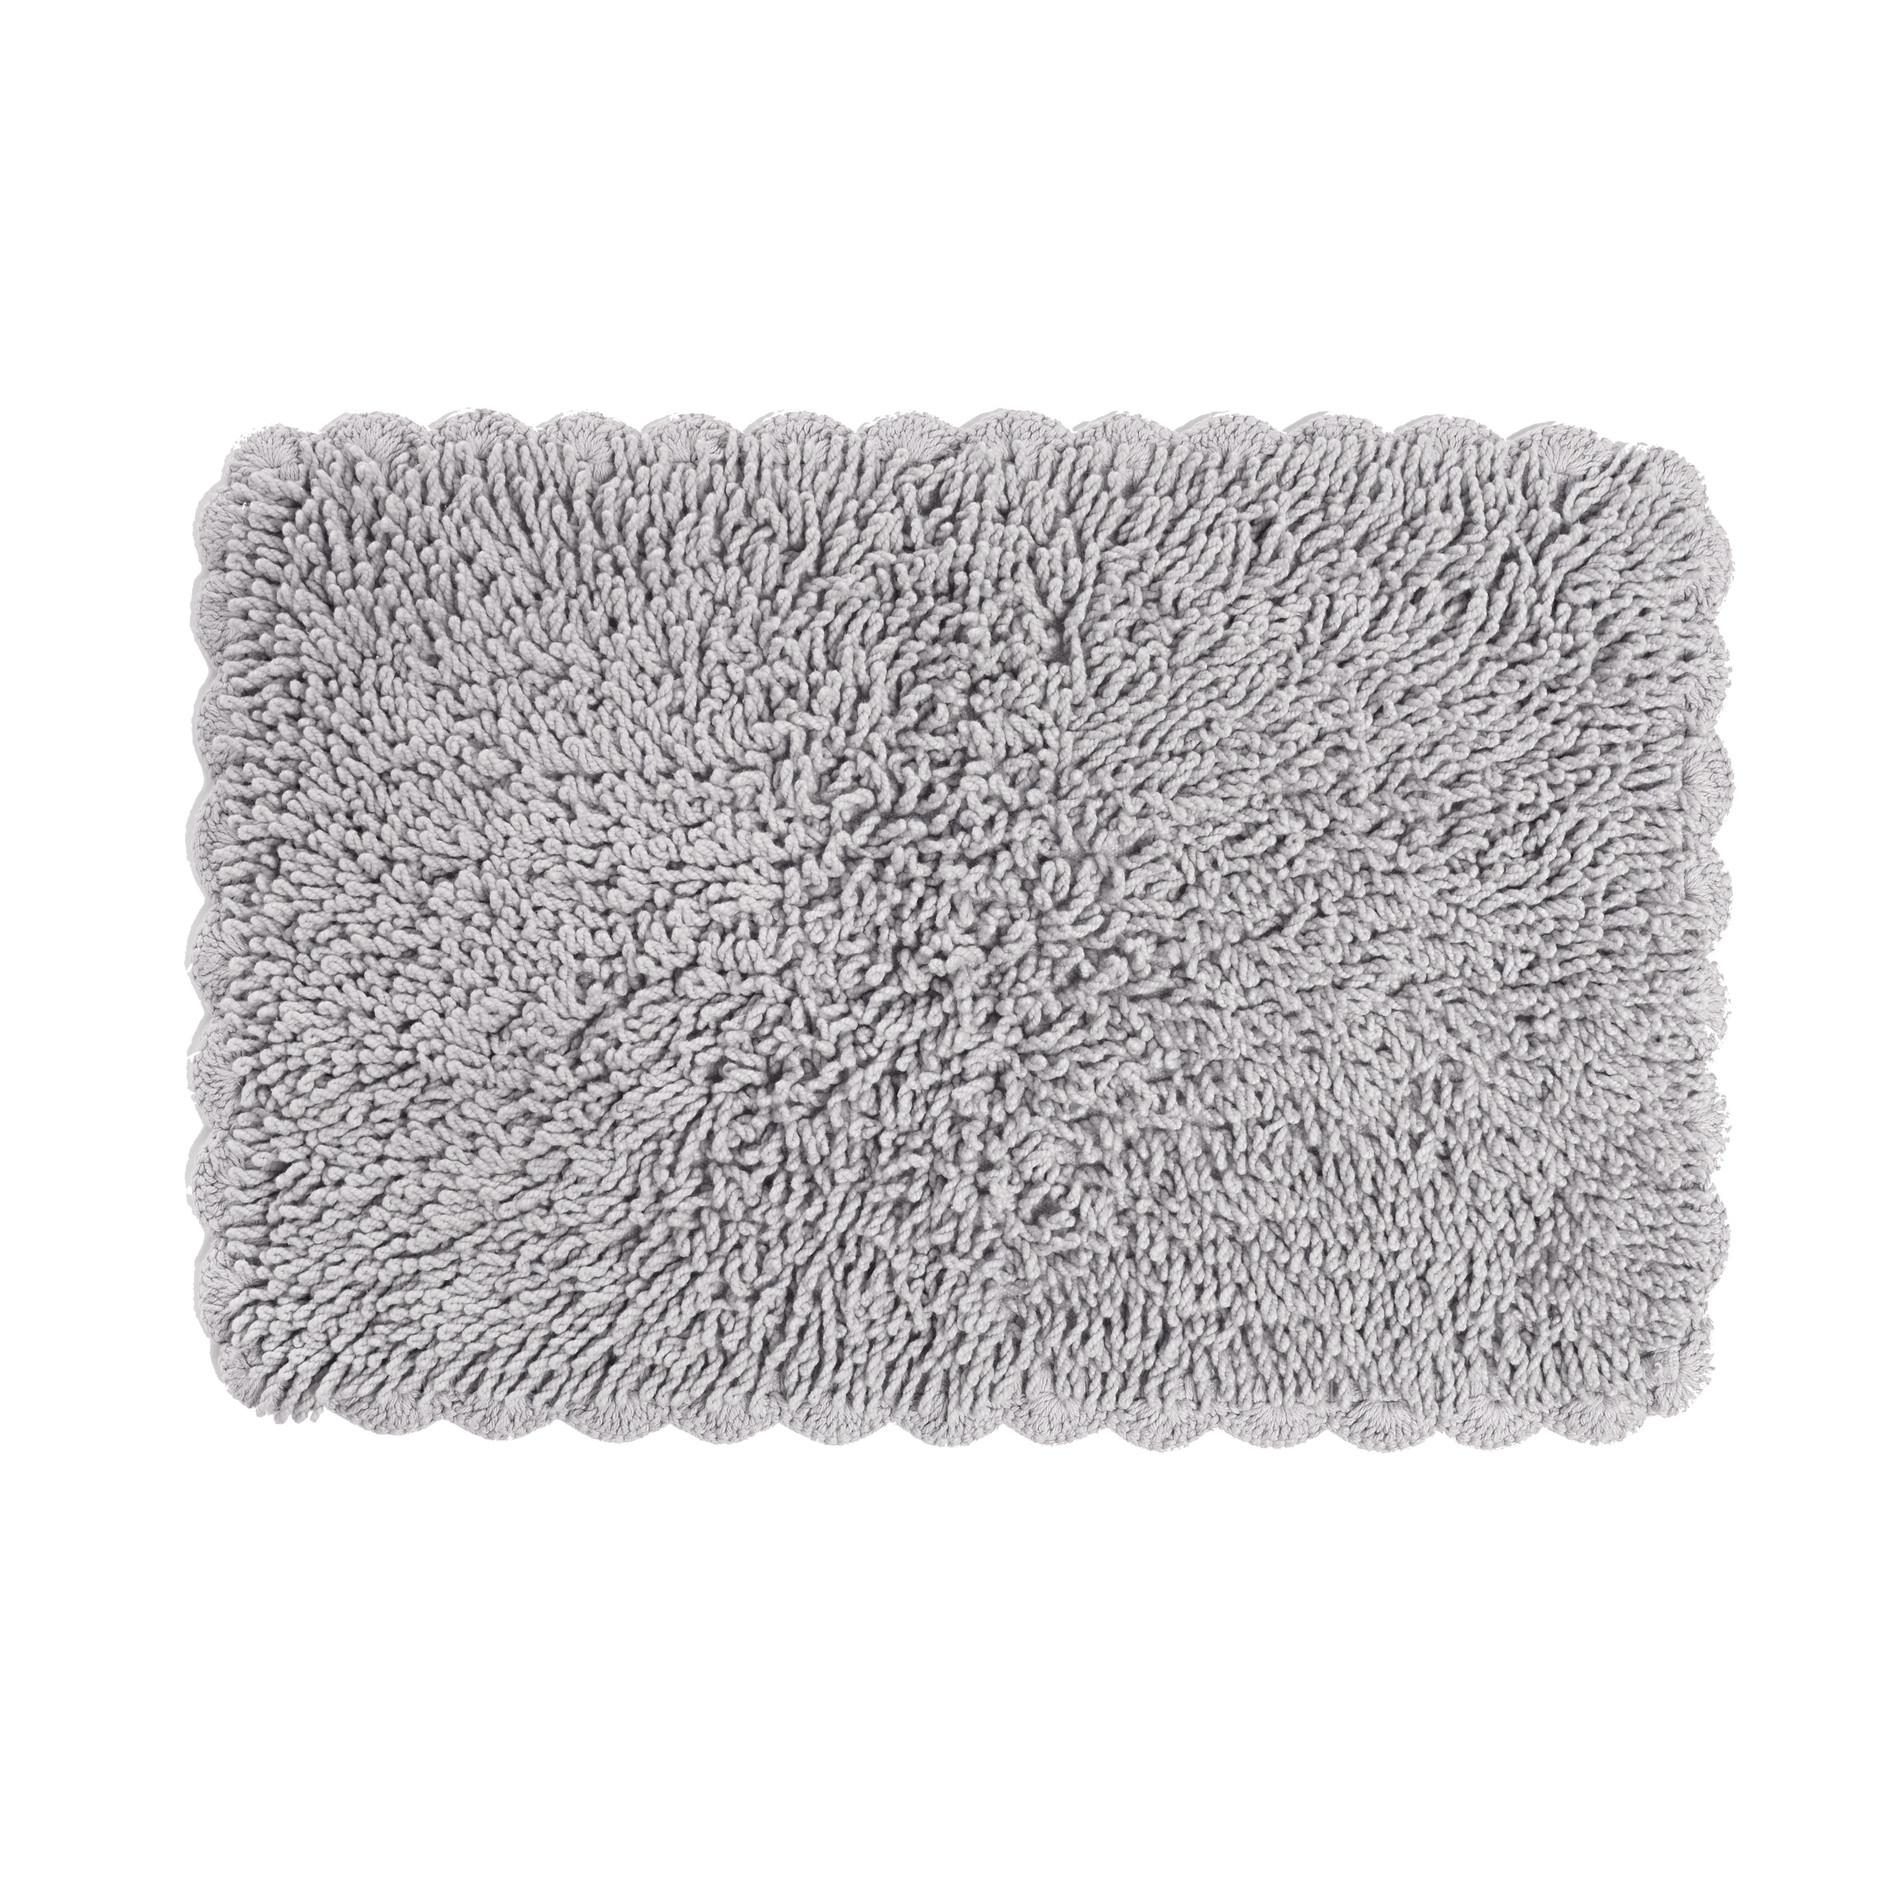 Tappeto bagno con crochet, Grigio chiaro, large image number 0